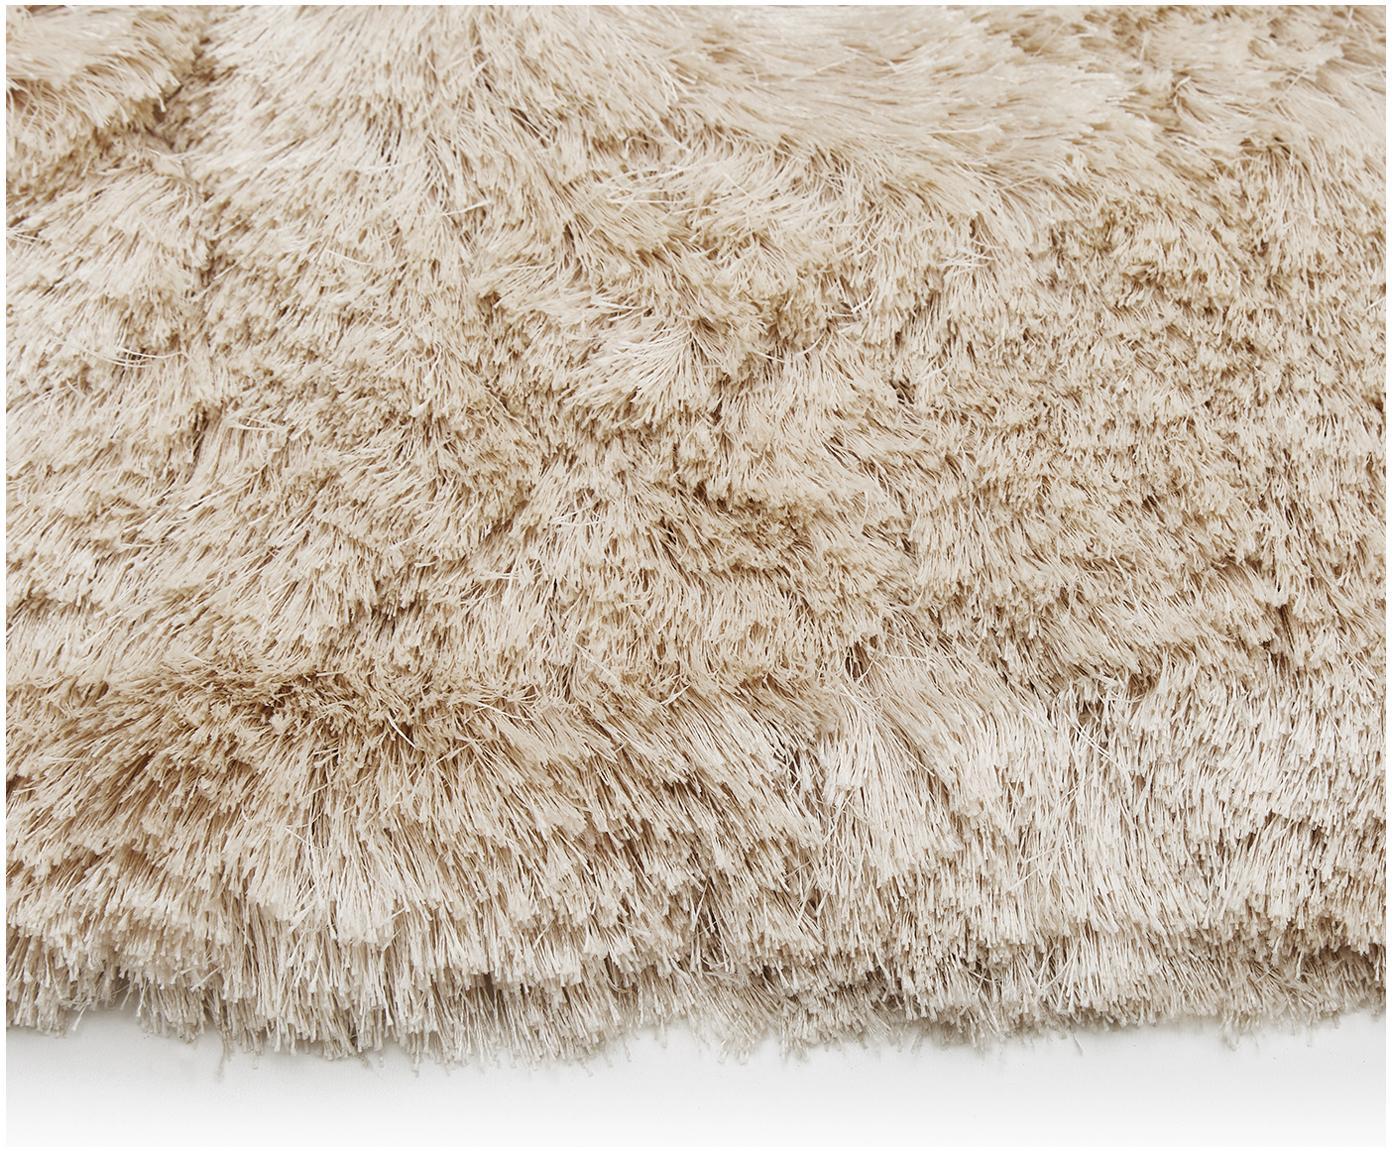 Handgetuft vloerkleed Jimmy, Bovenzijde: 100% polyester, Onderzijde: 100% katoen, Ivoorkleurig, 160 x 230 cm